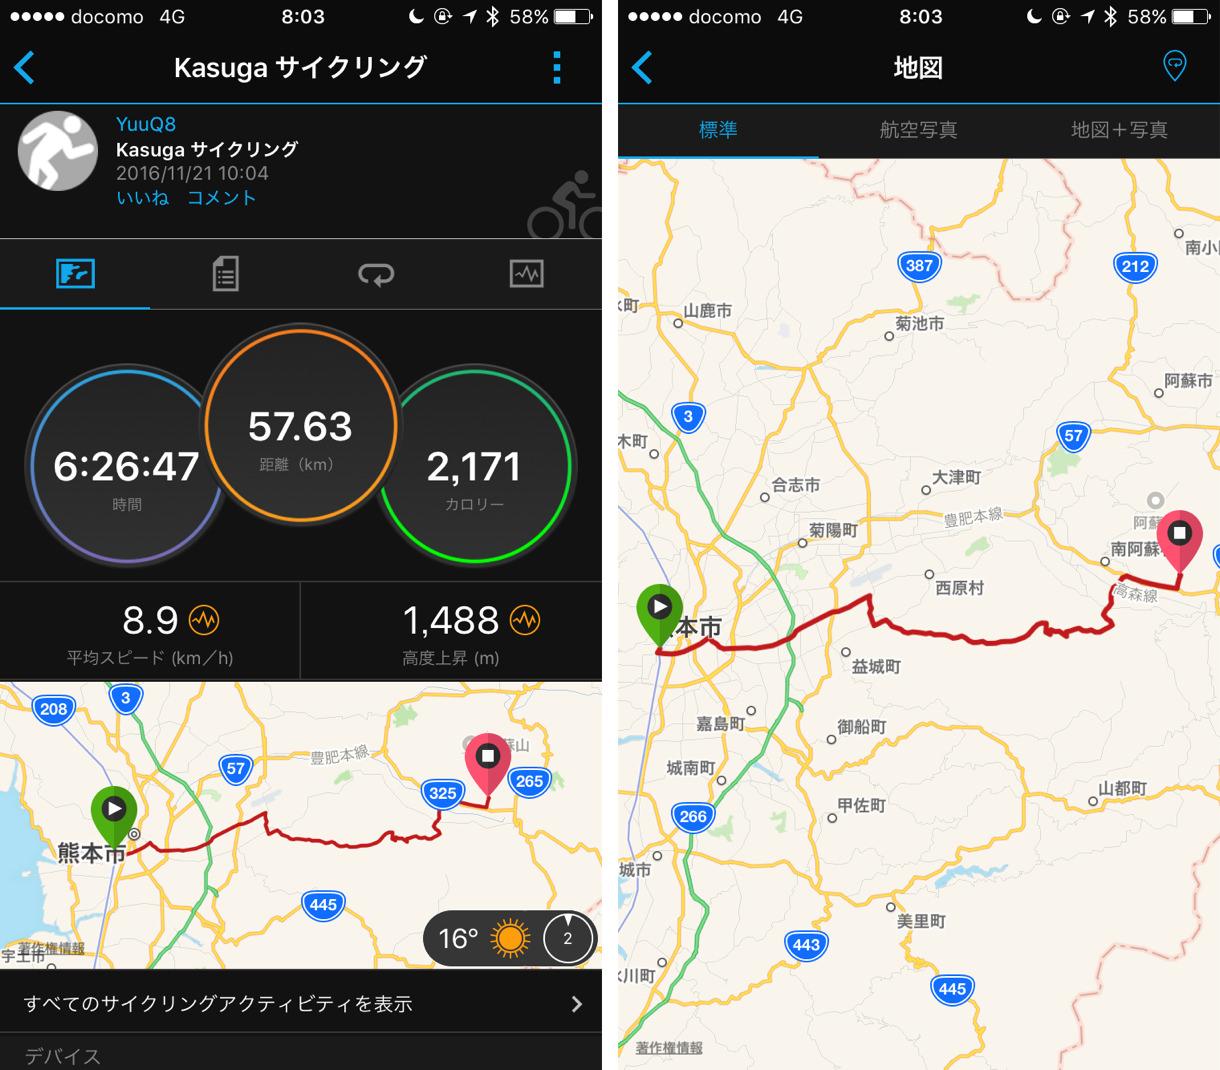 阿蘇ロードバイク旅2日目の走行距離